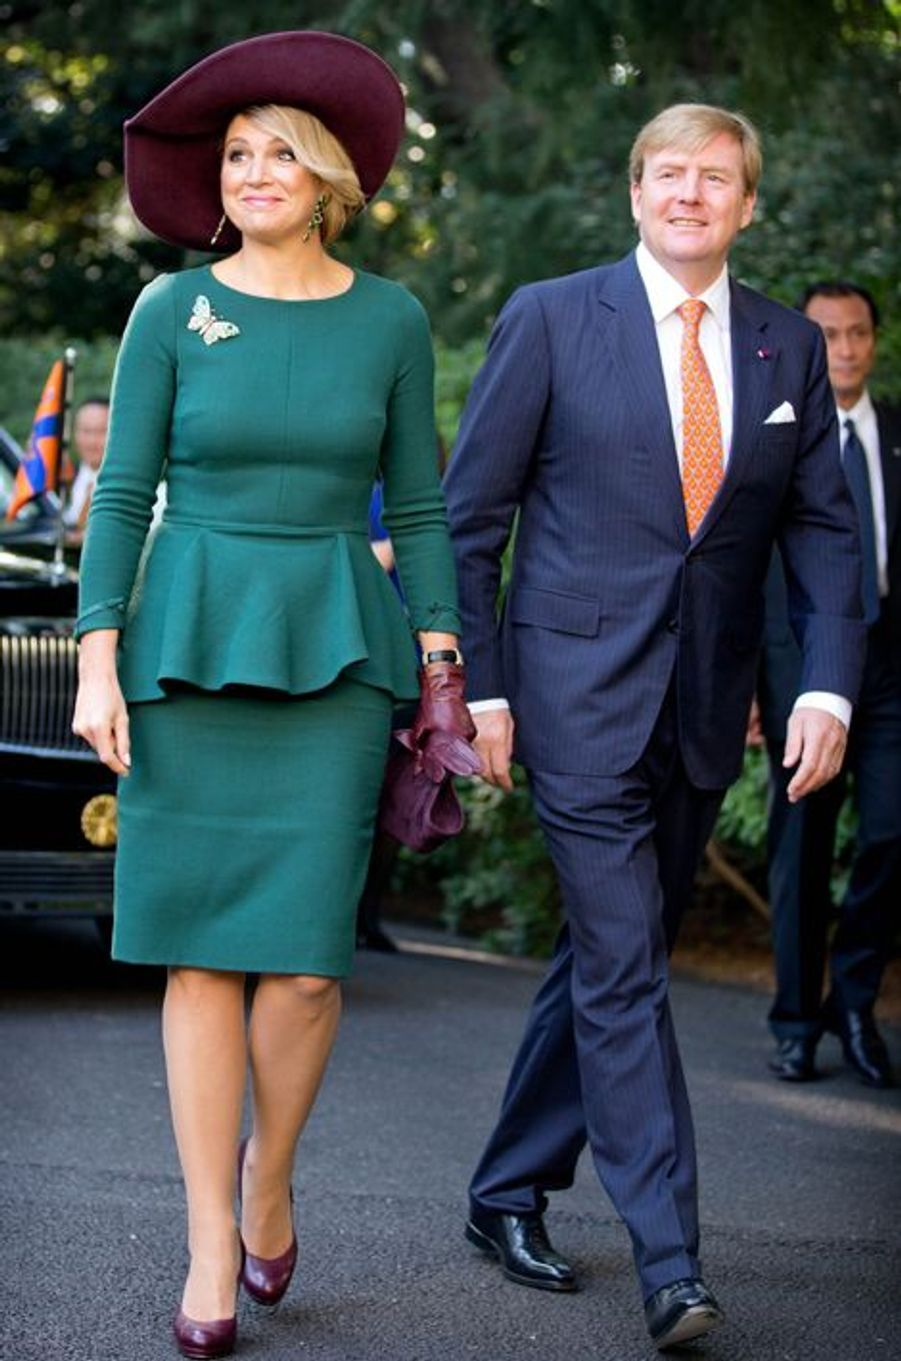 Le roi Willem-Alexander des Pays-Bas et la reine Maxima à Tokyo, le 30 octobre 2014